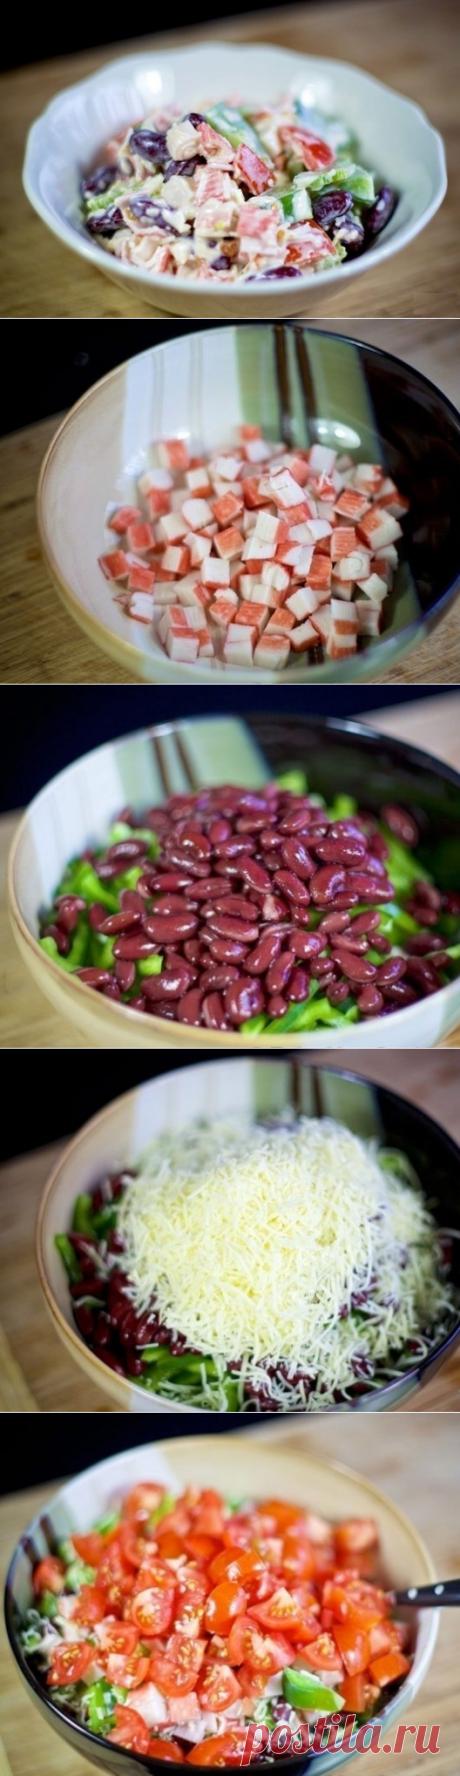 Как приготовить cалат с крабовыми палочками и фасолью. - рецепт, ингридиенты и фотографии